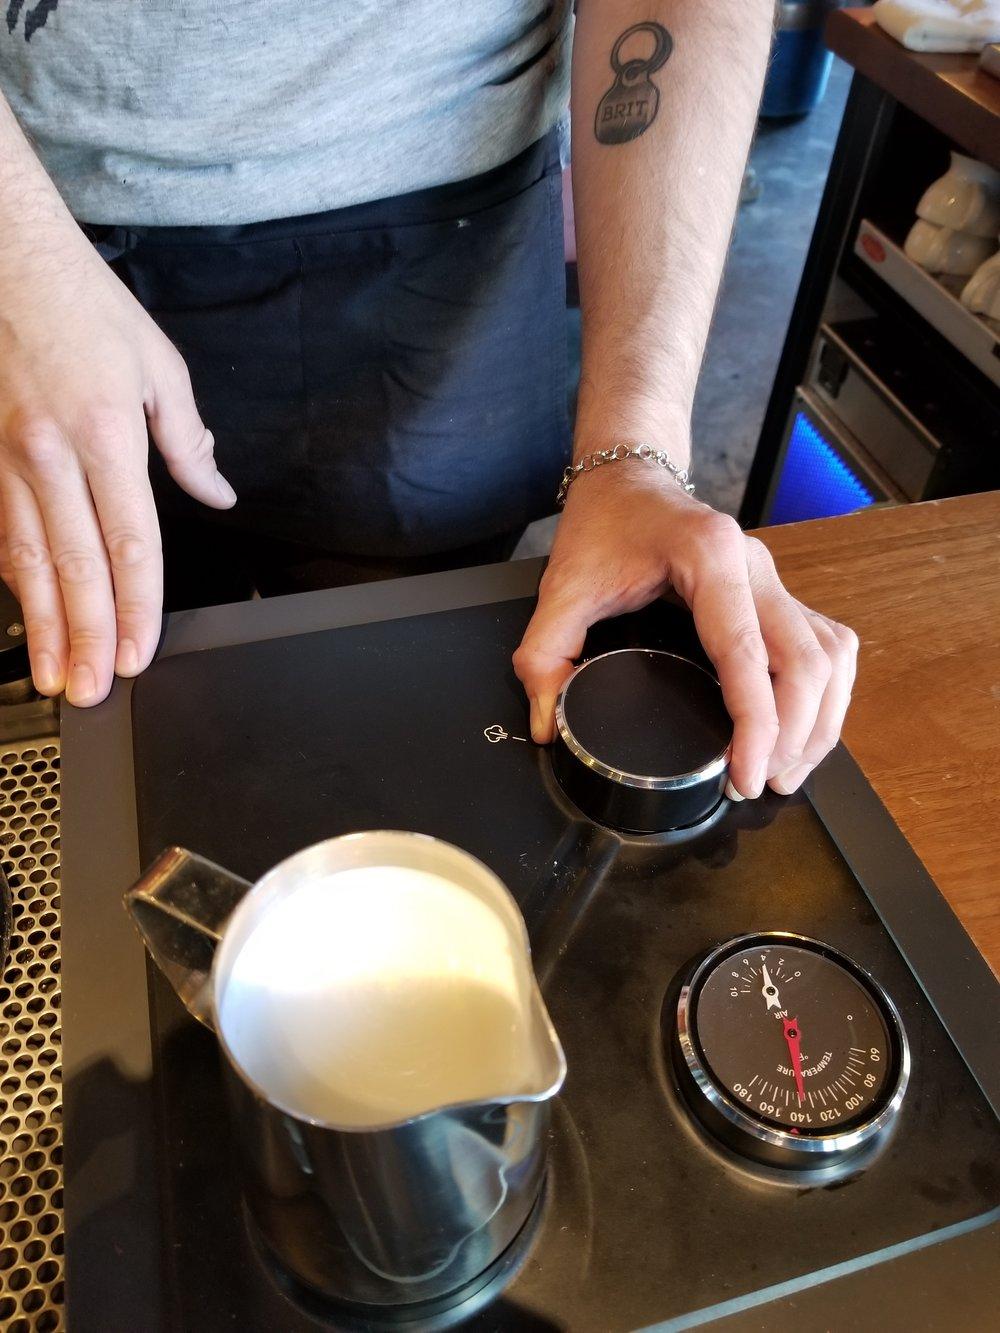 2017 July 08 Roy Street steaming milk 2.jpg